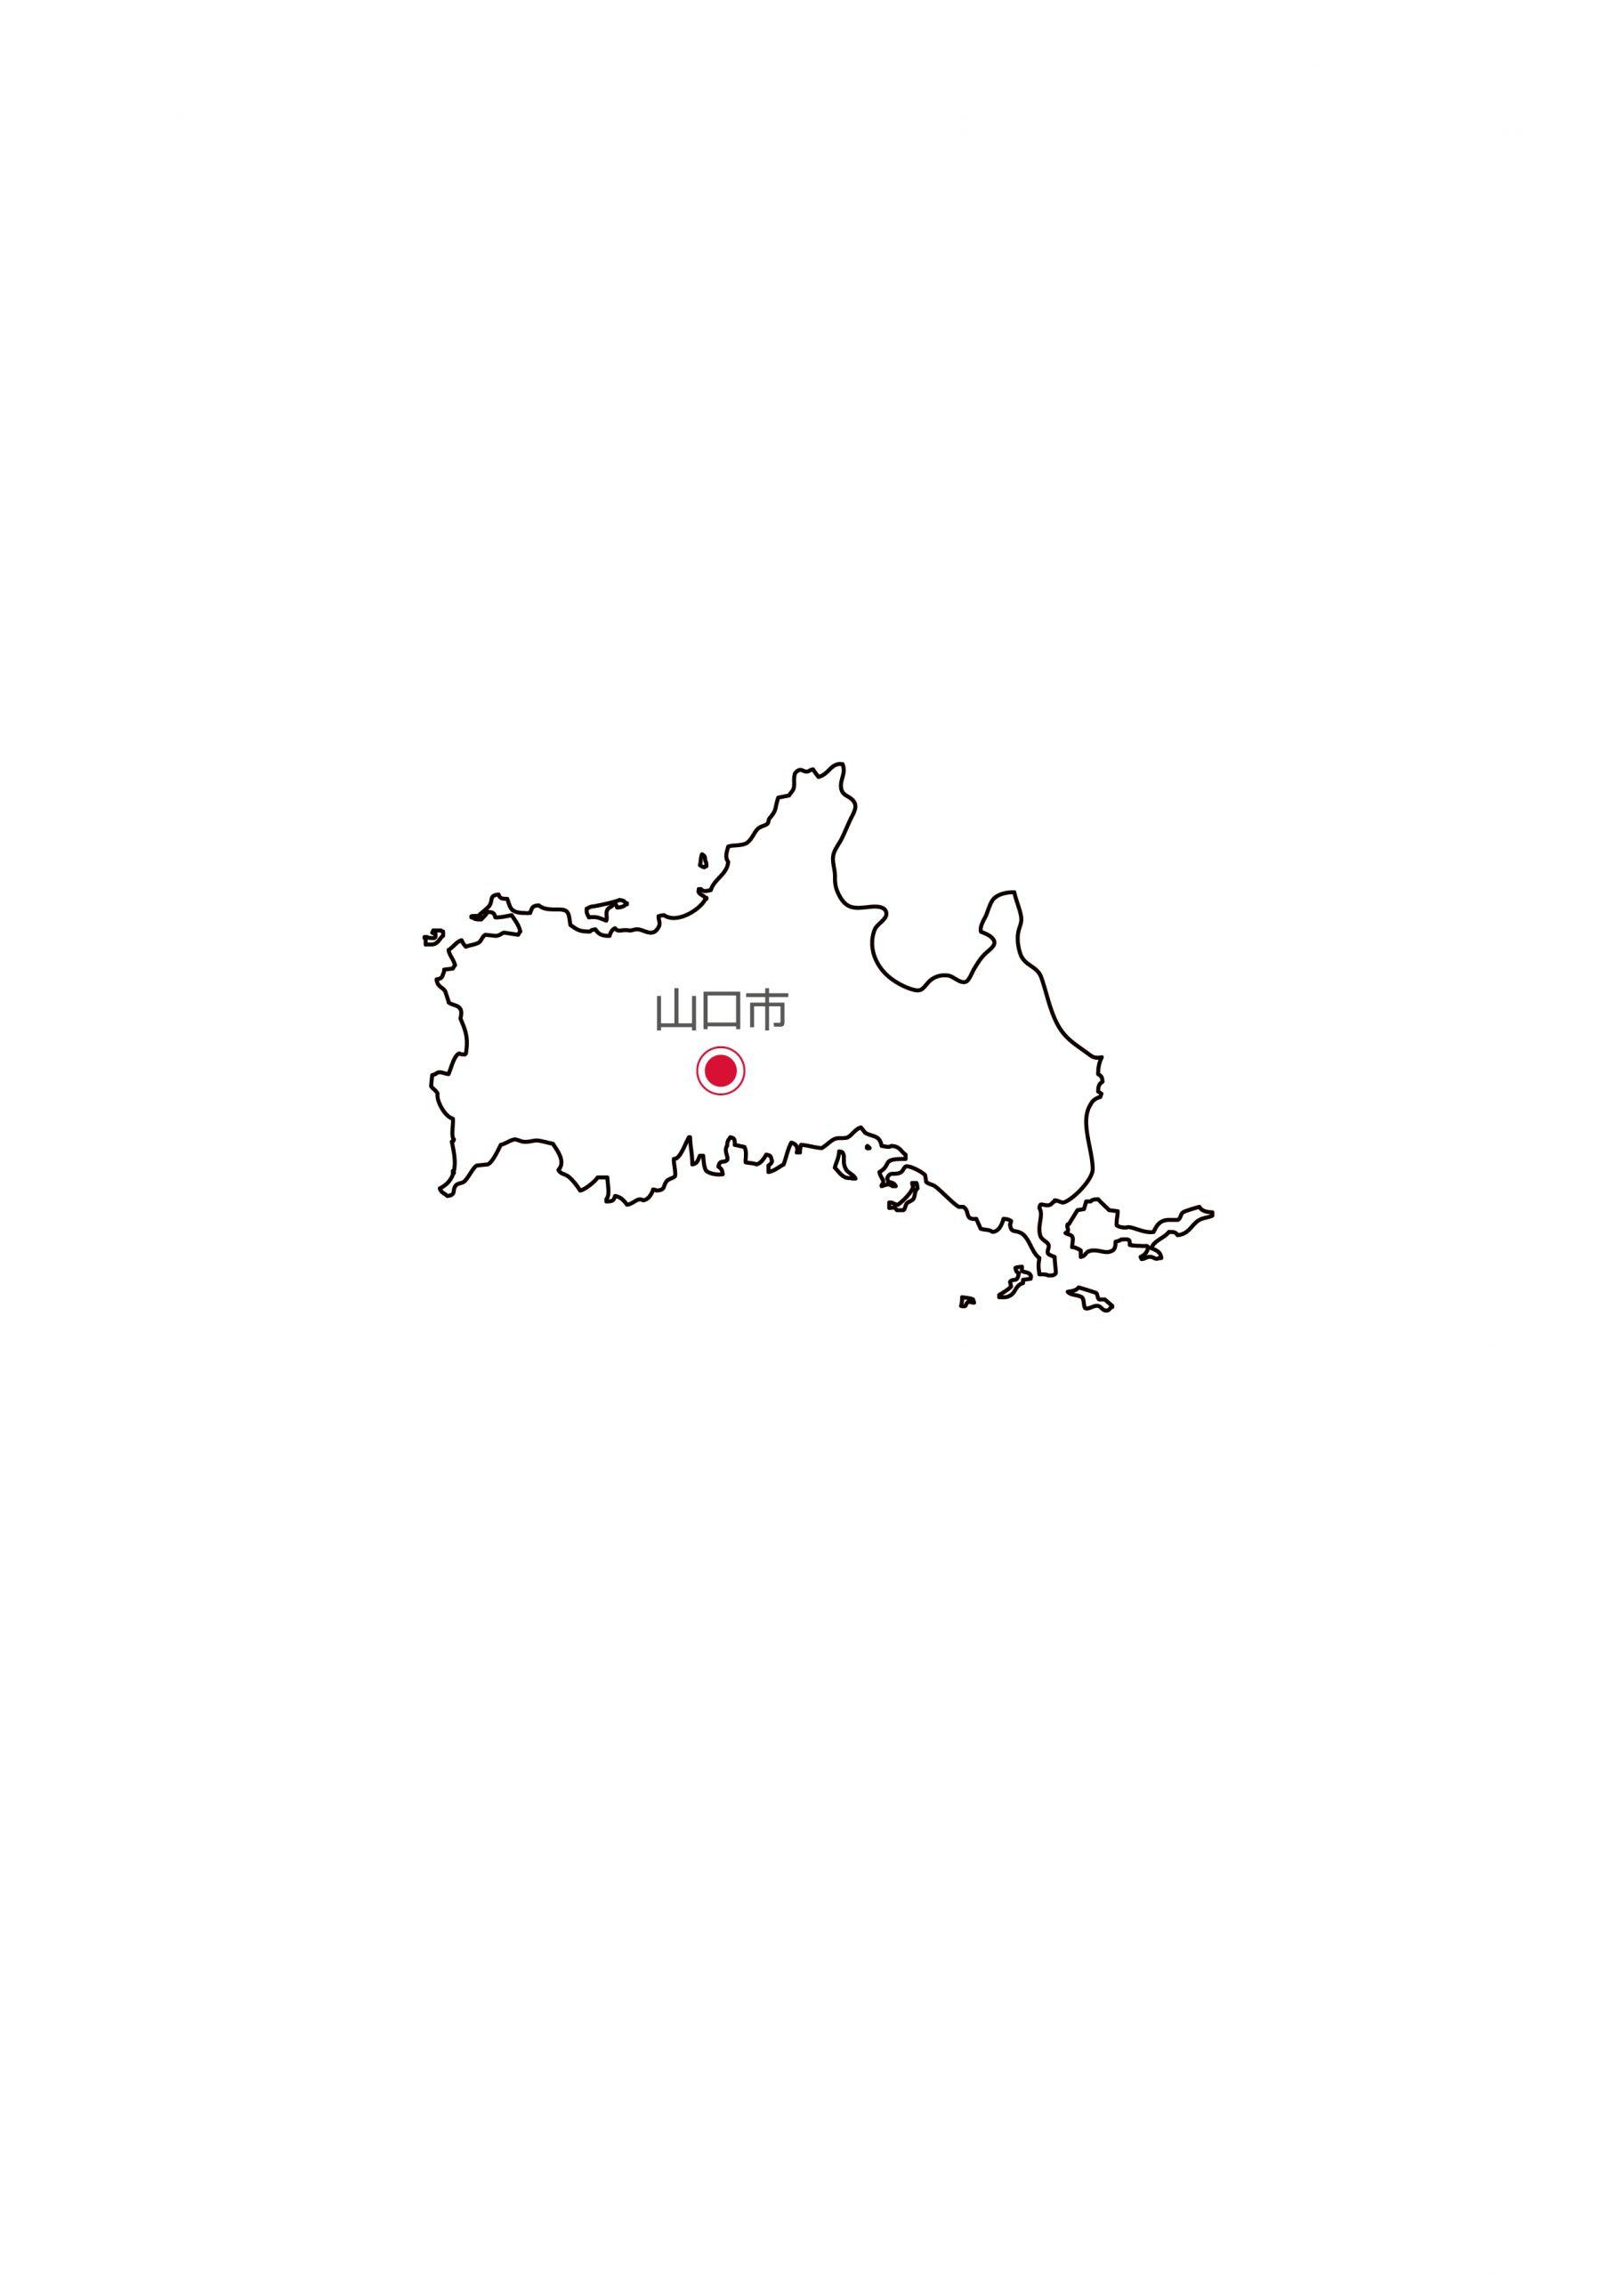 山口県無料フリーイラスト|日本語・県庁所在地あり(白)